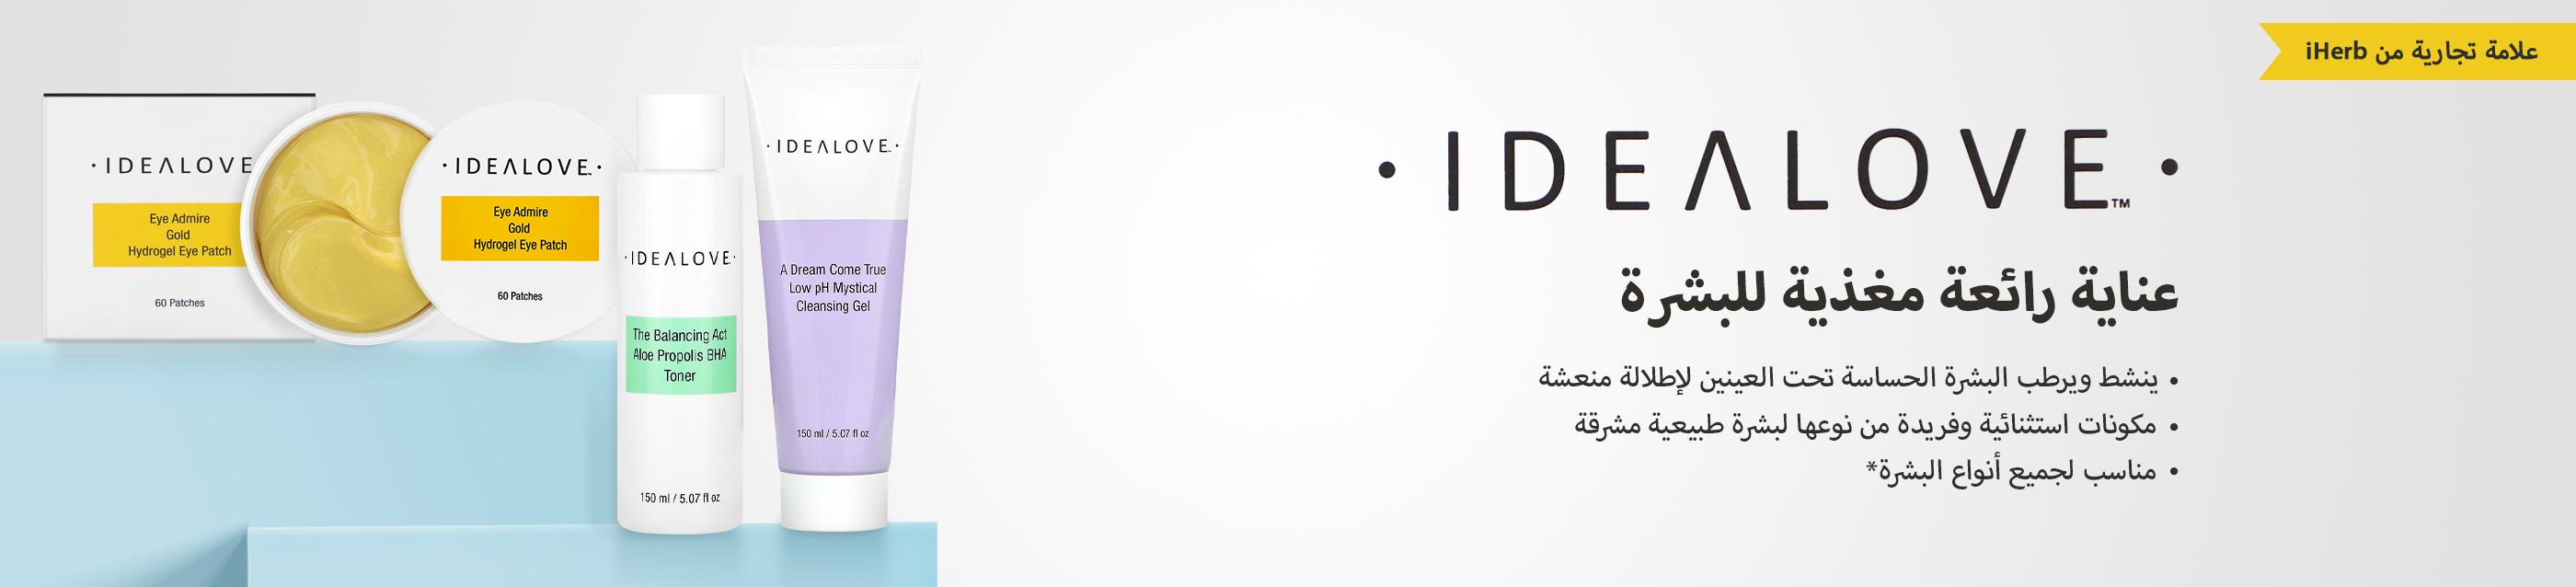 Idealove